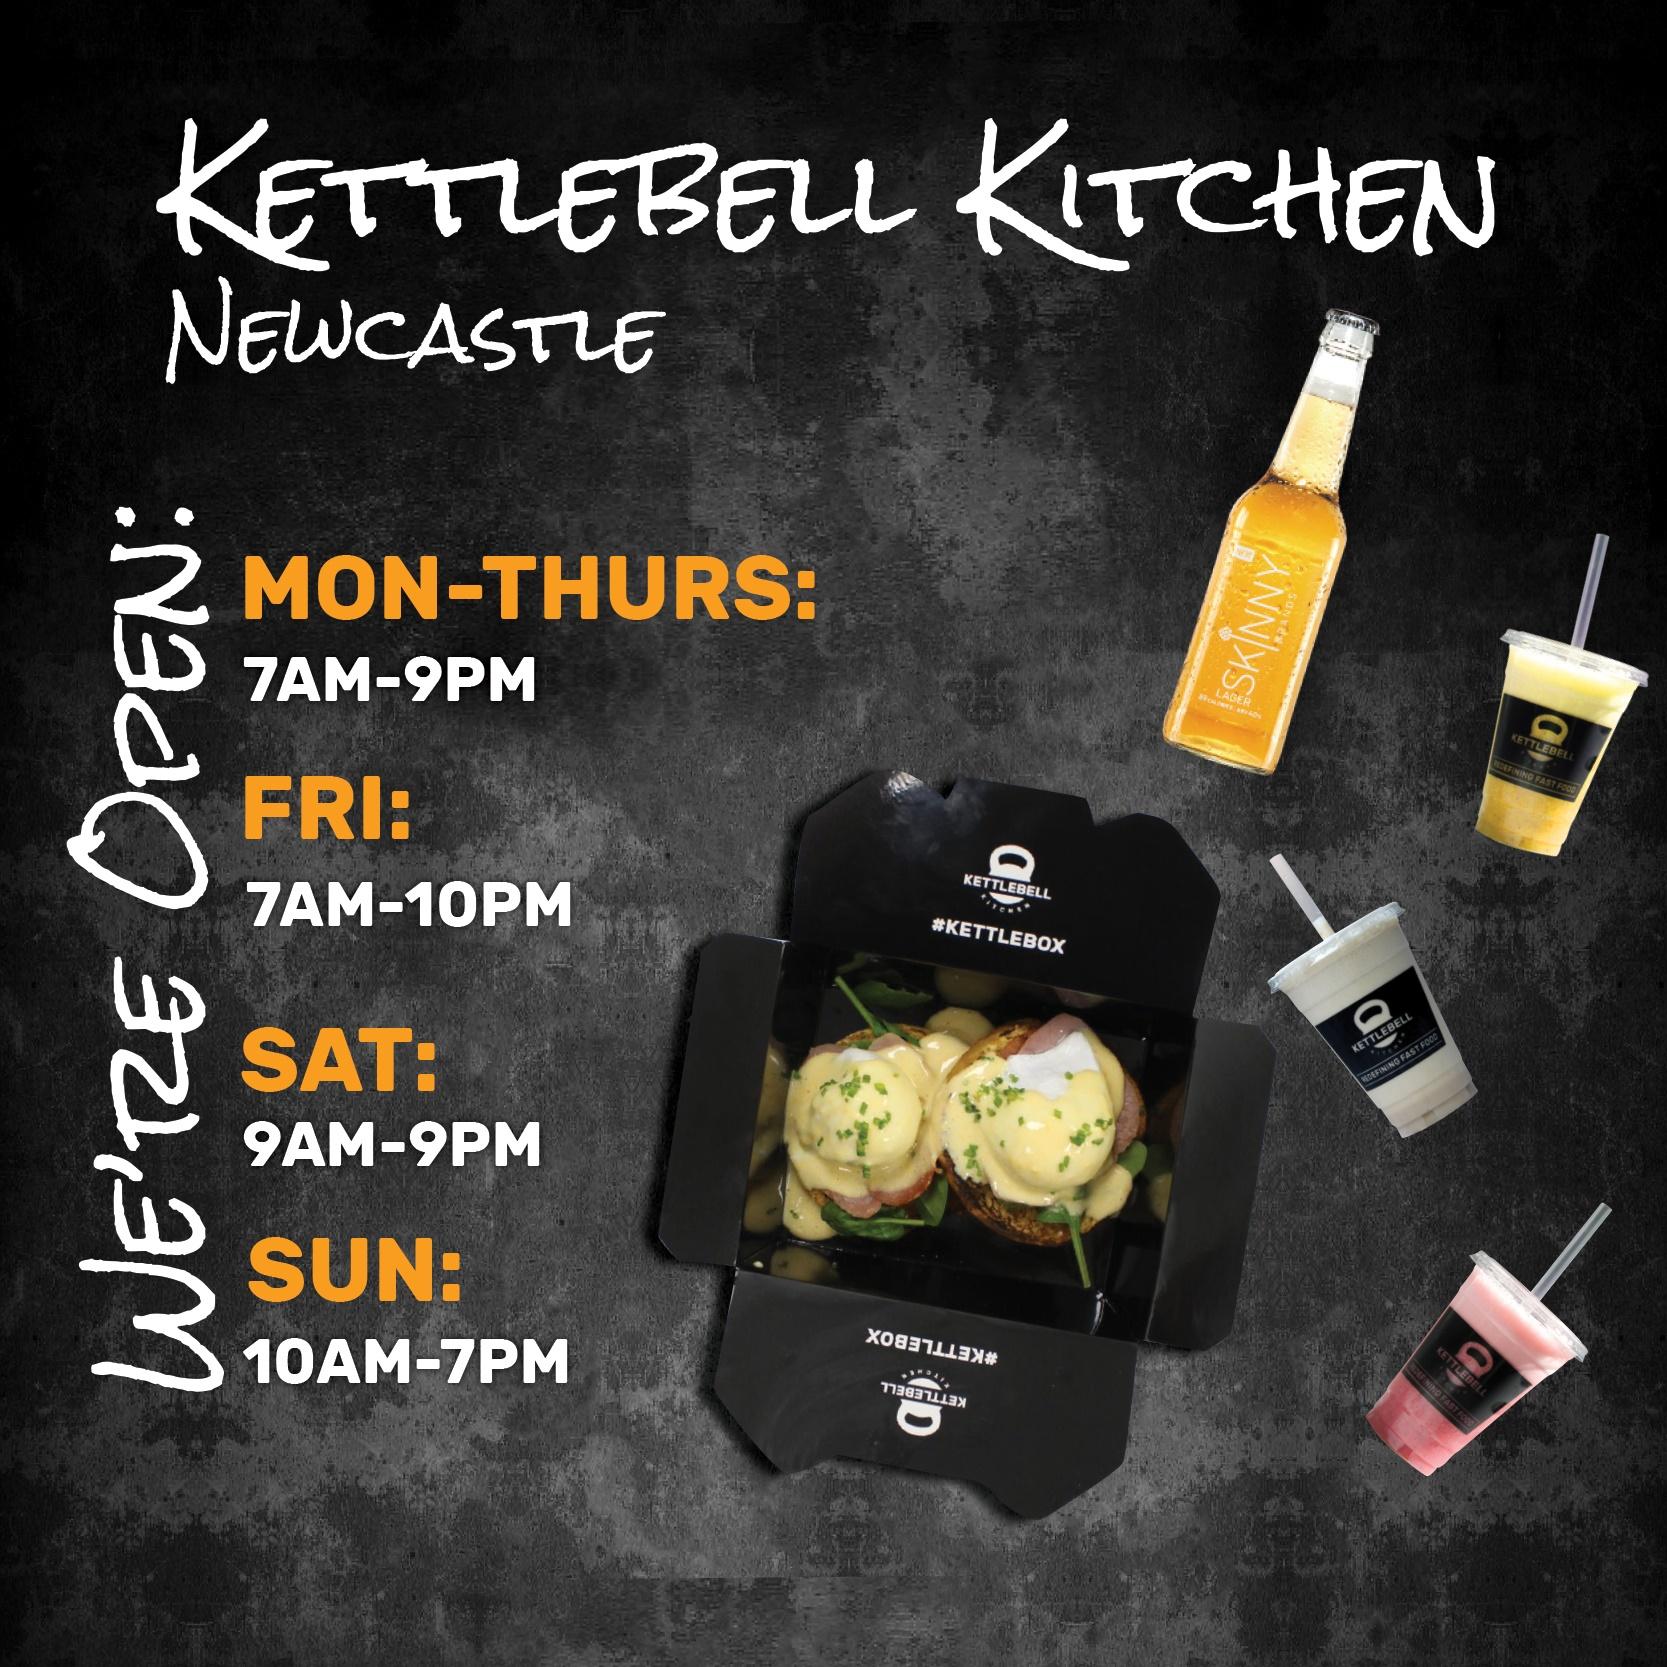 KettleBell Opening Hours